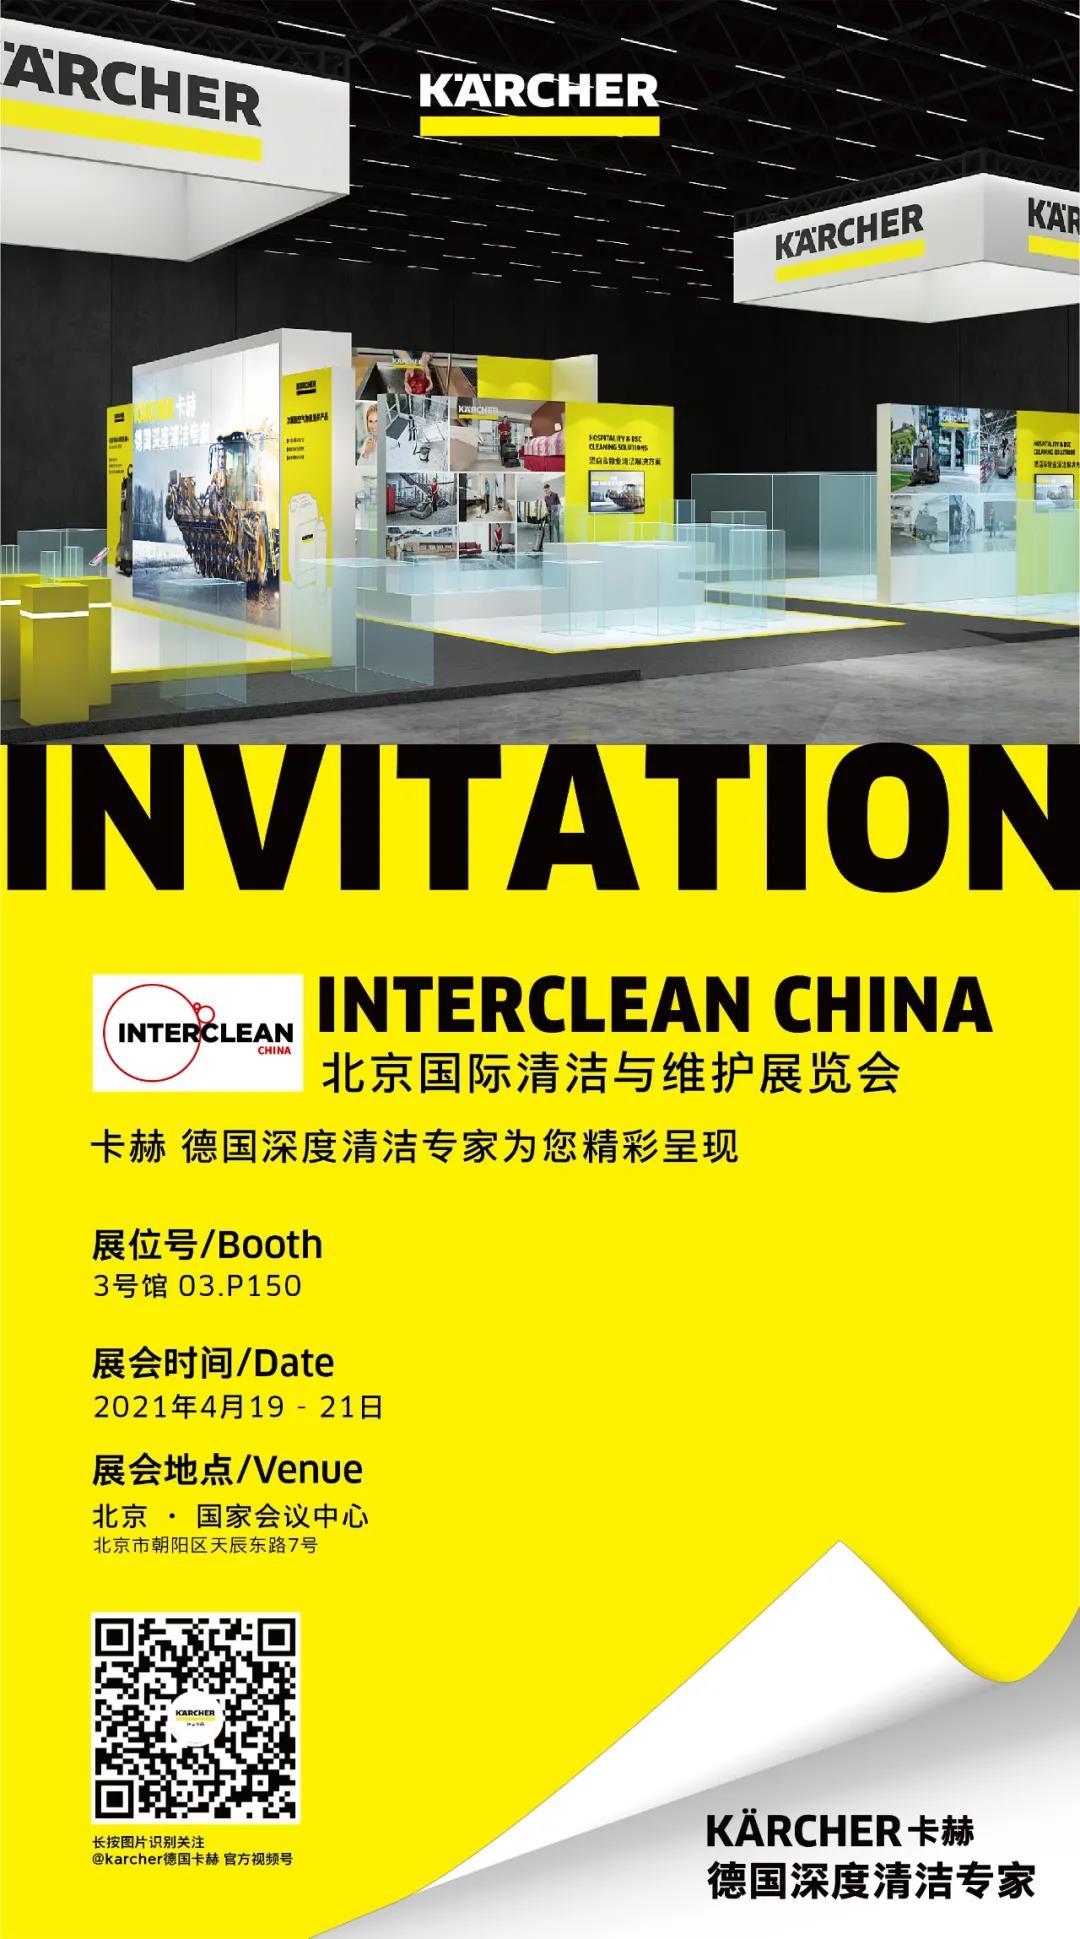 卡赫邀您共聚权威清洁行业盛会Interclean